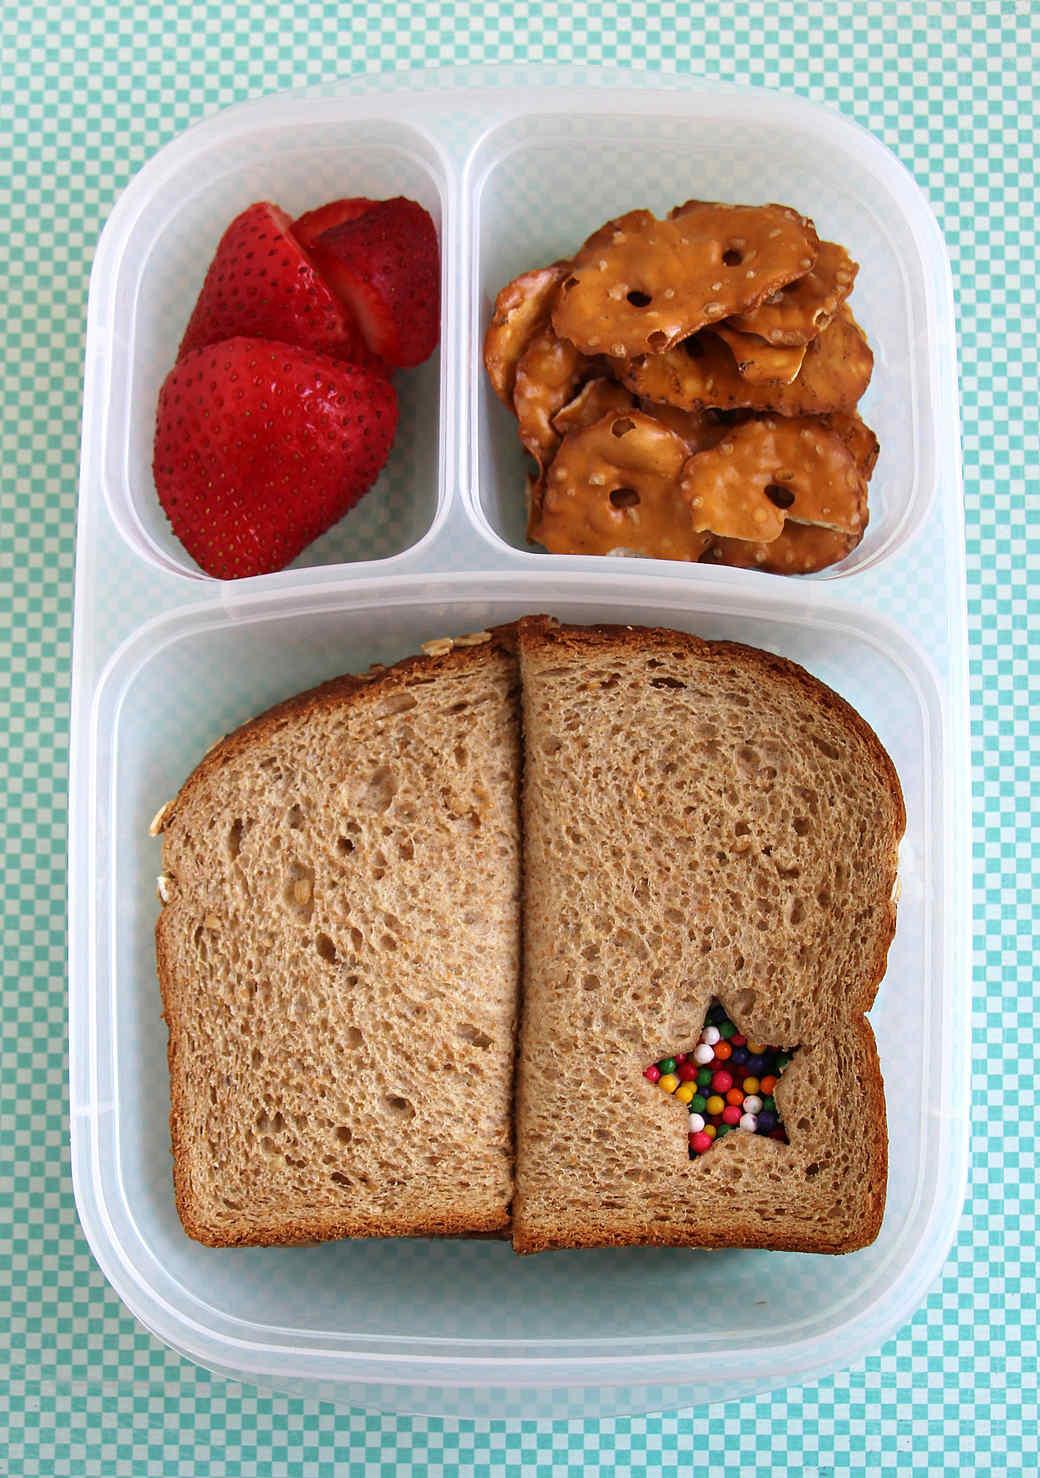 sunbutter-sandwich-nut-free-lunch.jpg (skyword:335942)